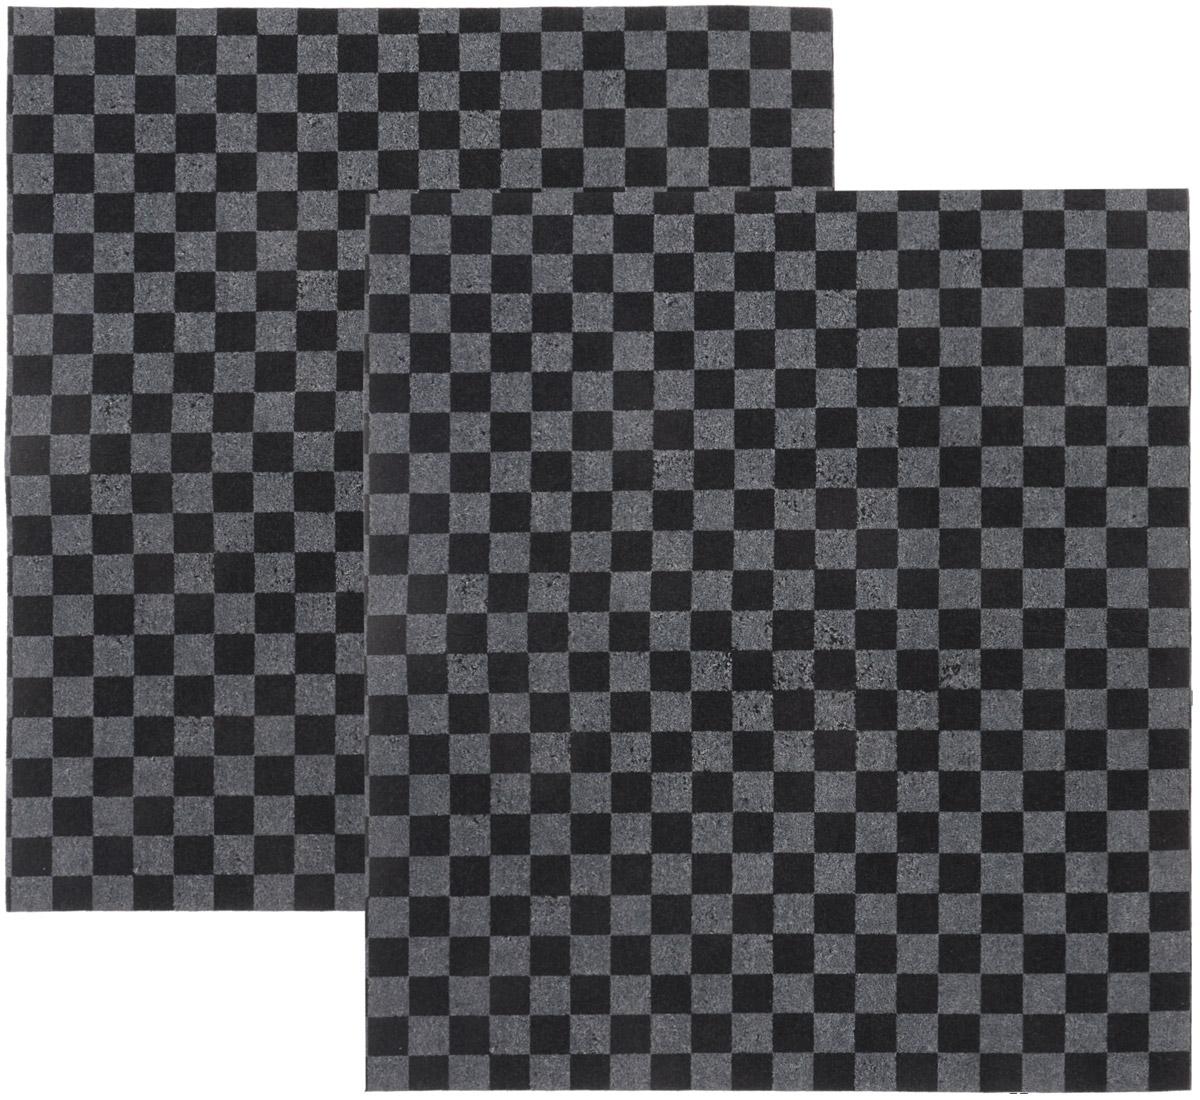 Коврик автомобильный Главдор, в салон, влаговпитывающий, 40 х 45 см, 2 штGL-144-клеткаВлаговпитывающий коврик Главдор применяется в качестве защитной подстилки в салоне автомобиля. Он отлично впитывает влагу. Коврик изготовлен из полипропилена и впитывающего материала. Изделие защитит вашу одежду от грязи и каблуки от расслаивания и стирания о резиновый коврик. В комплект входят два коврика. Размер коврика: 40 х 45 см.